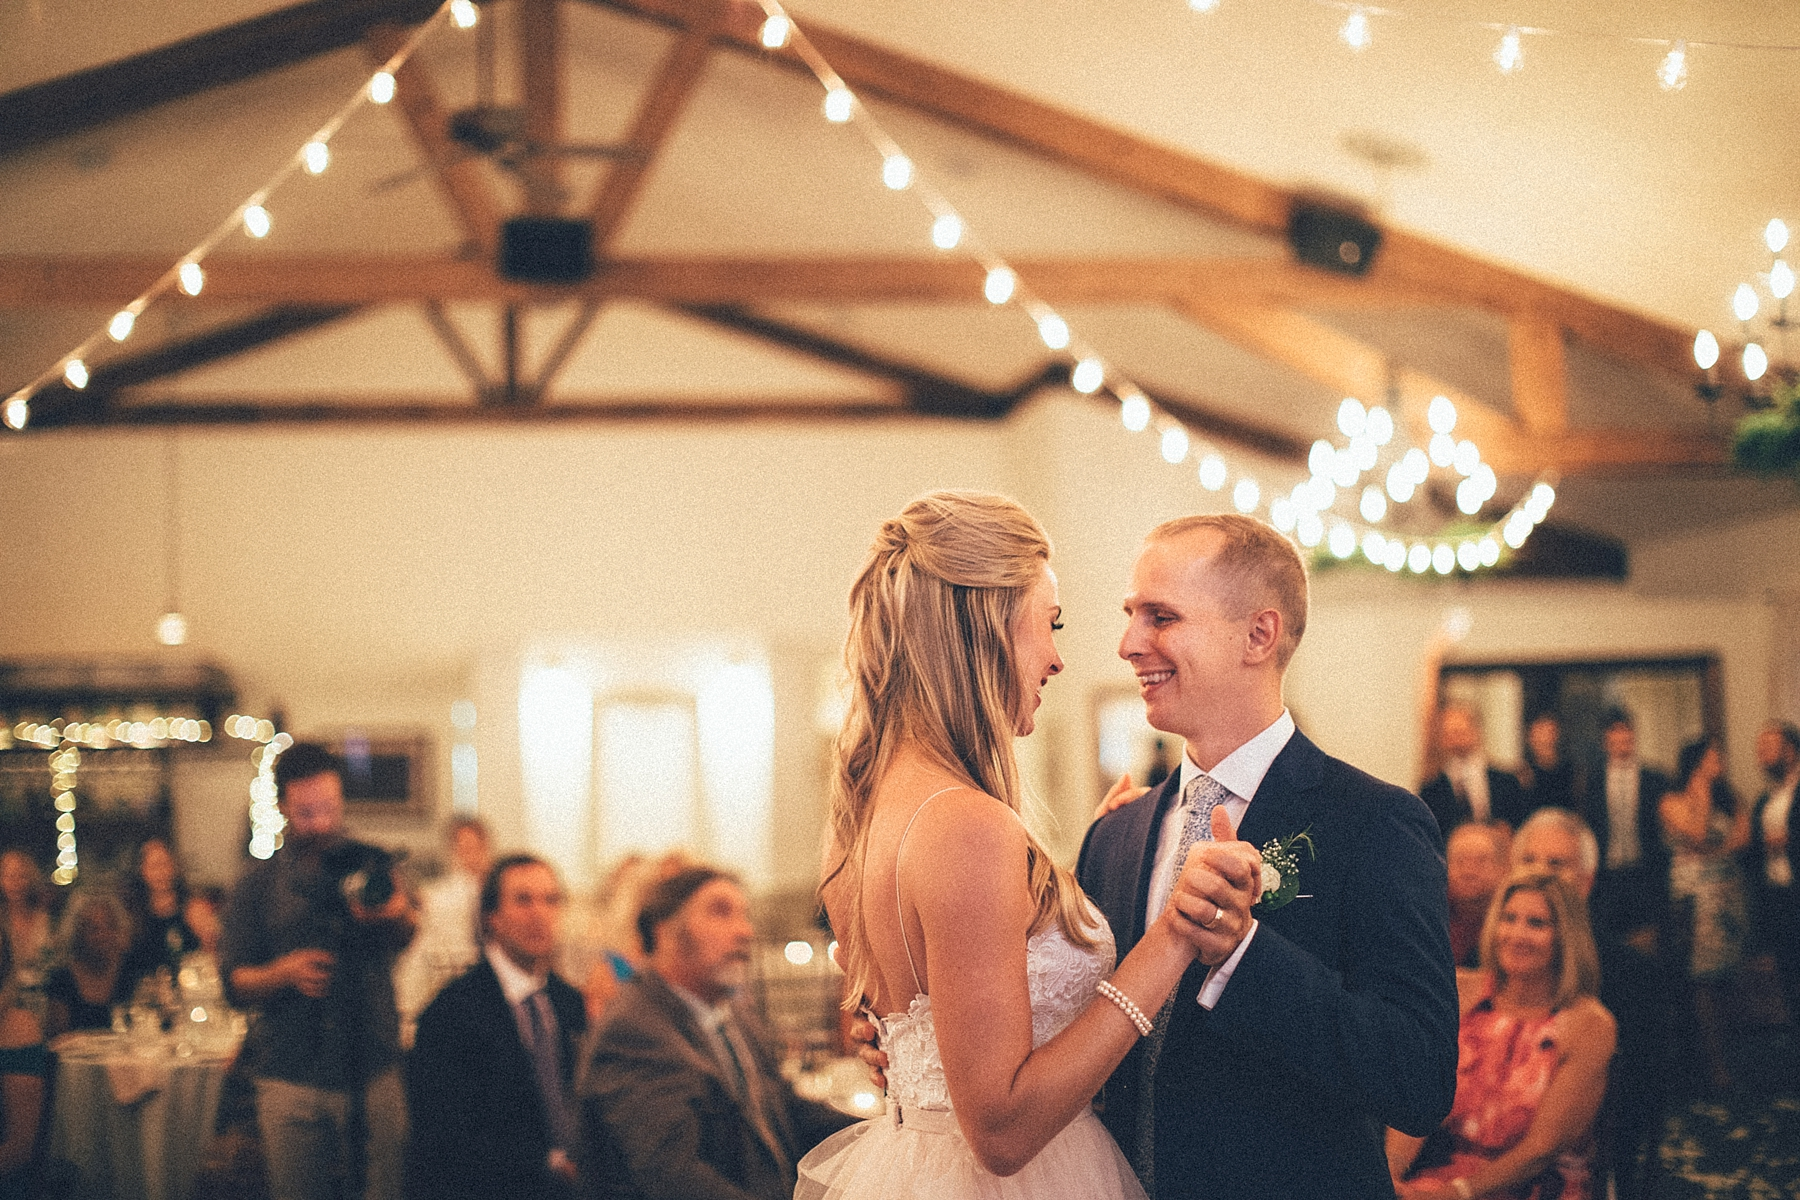 childhood-home-wedding-new-hope-pa-lambertville-nj_0074.jpg